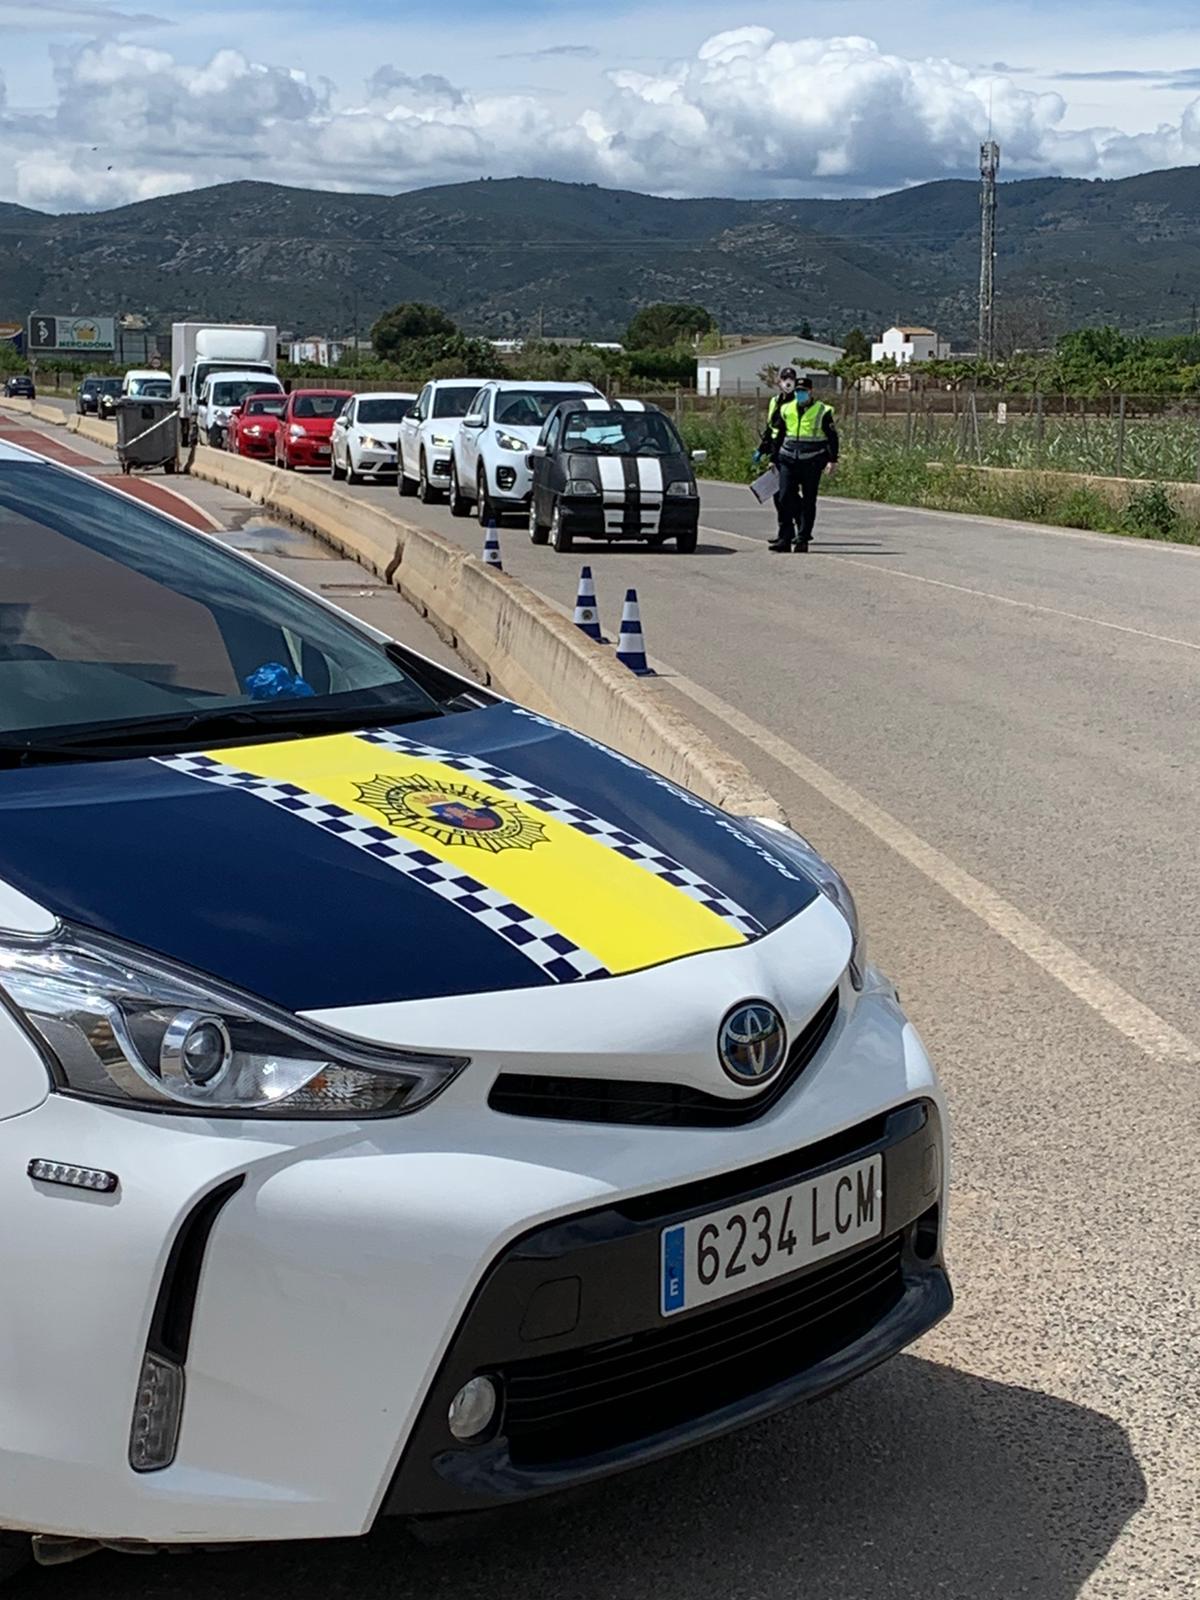 La Policia Local de Peníscola ha controlat 777 vehicles des de l'inici de l'Estat d'Alarma